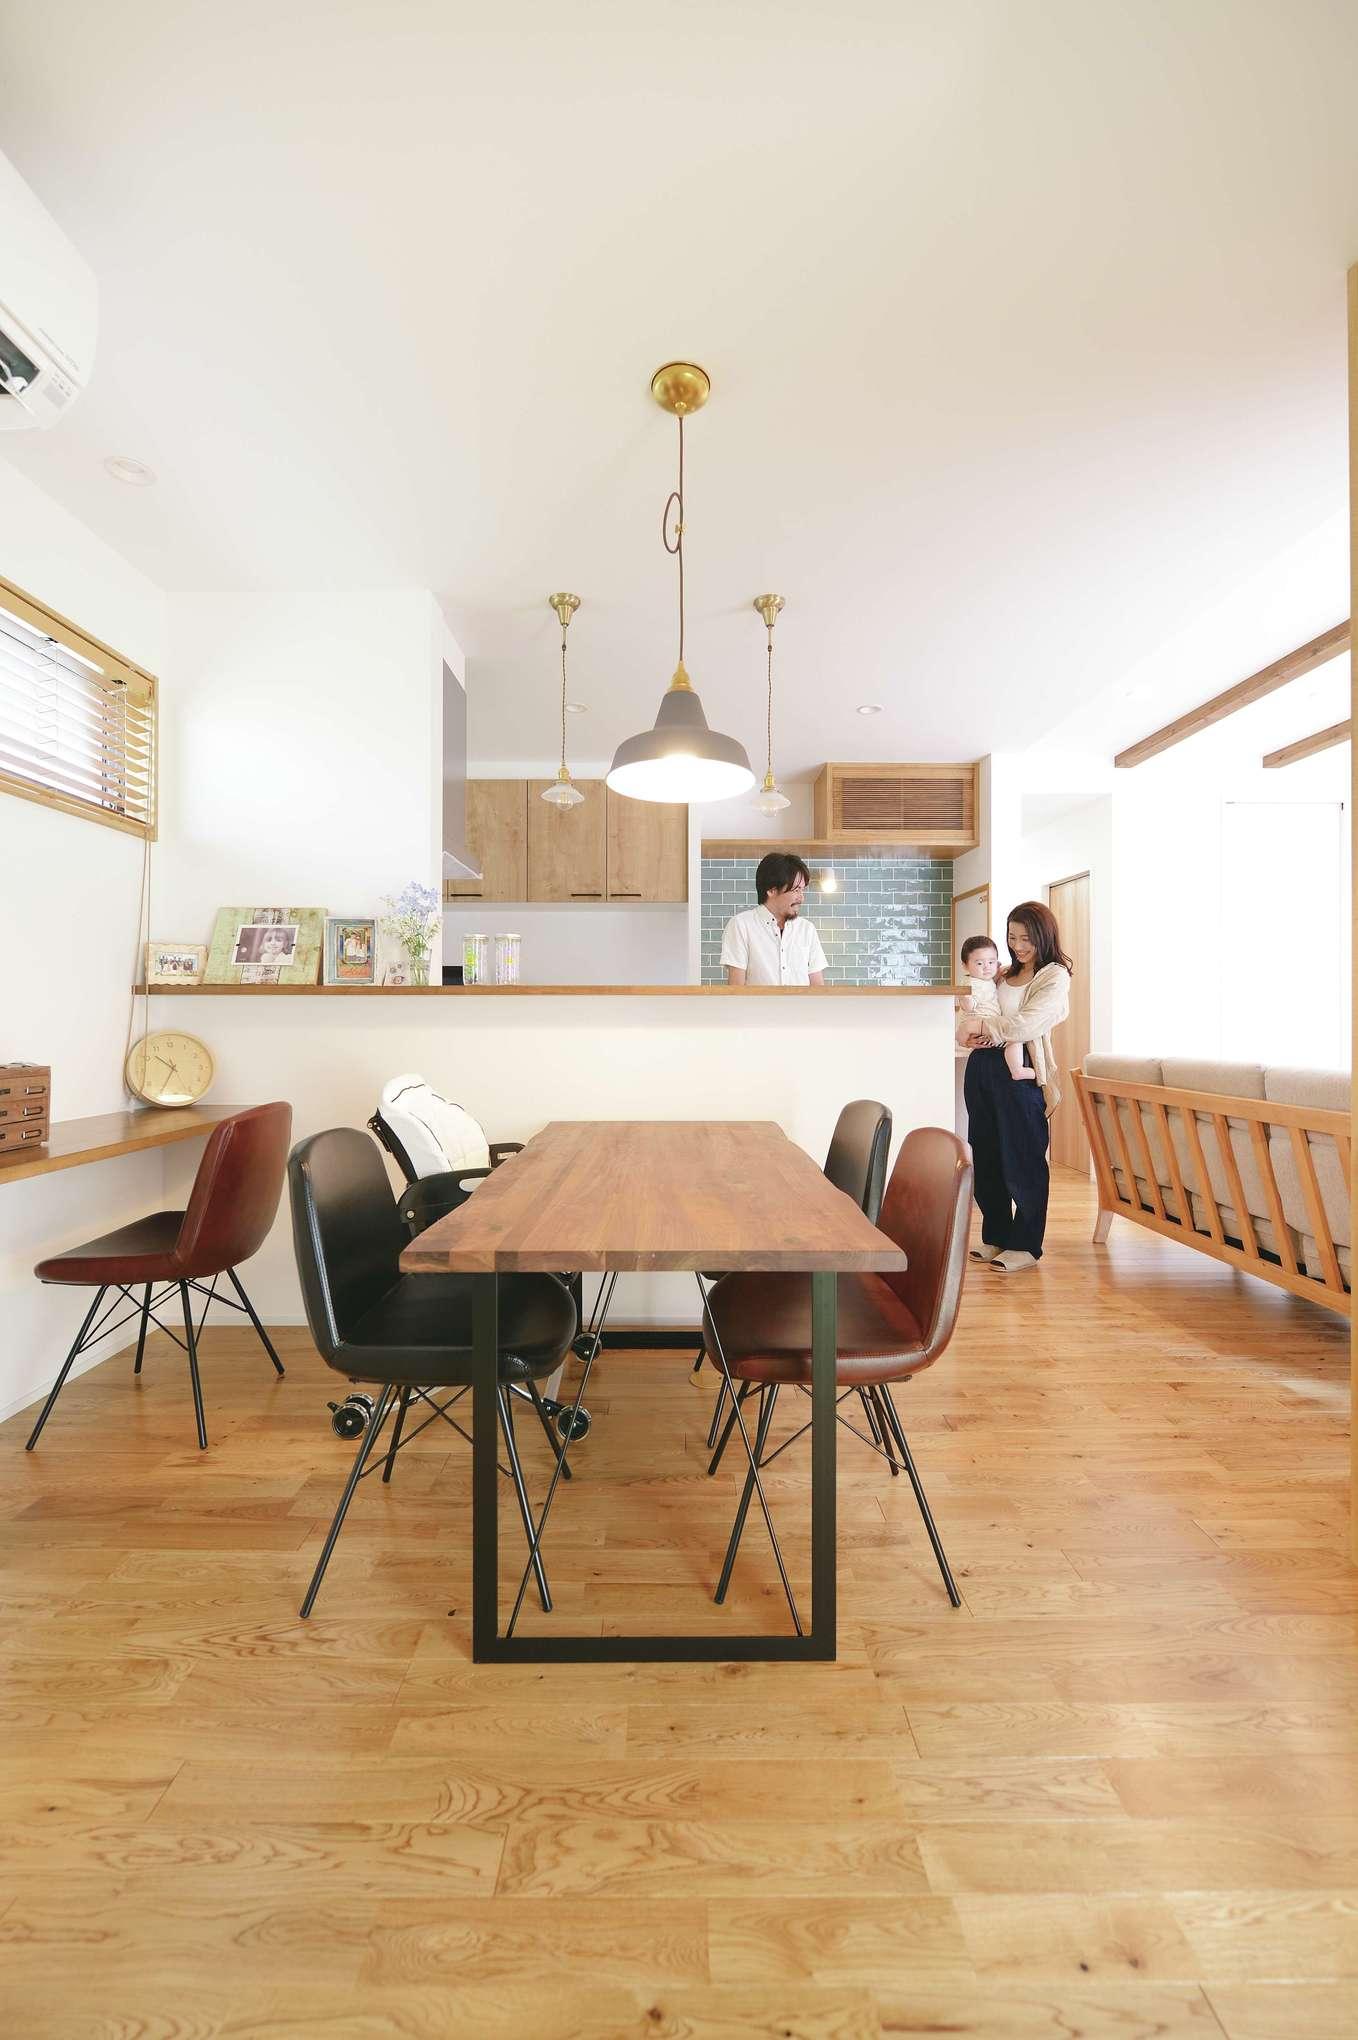 小玉建設【デザイン住宅、自然素材、間取り】無垢の床は子どもがハイハイしても安心。夫婦ともに子どもの頃からリビングで勉強するのが習慣だったので、カウンターデスクは当初からの希望で。キッチン収納もナチュラルな木調で統一している